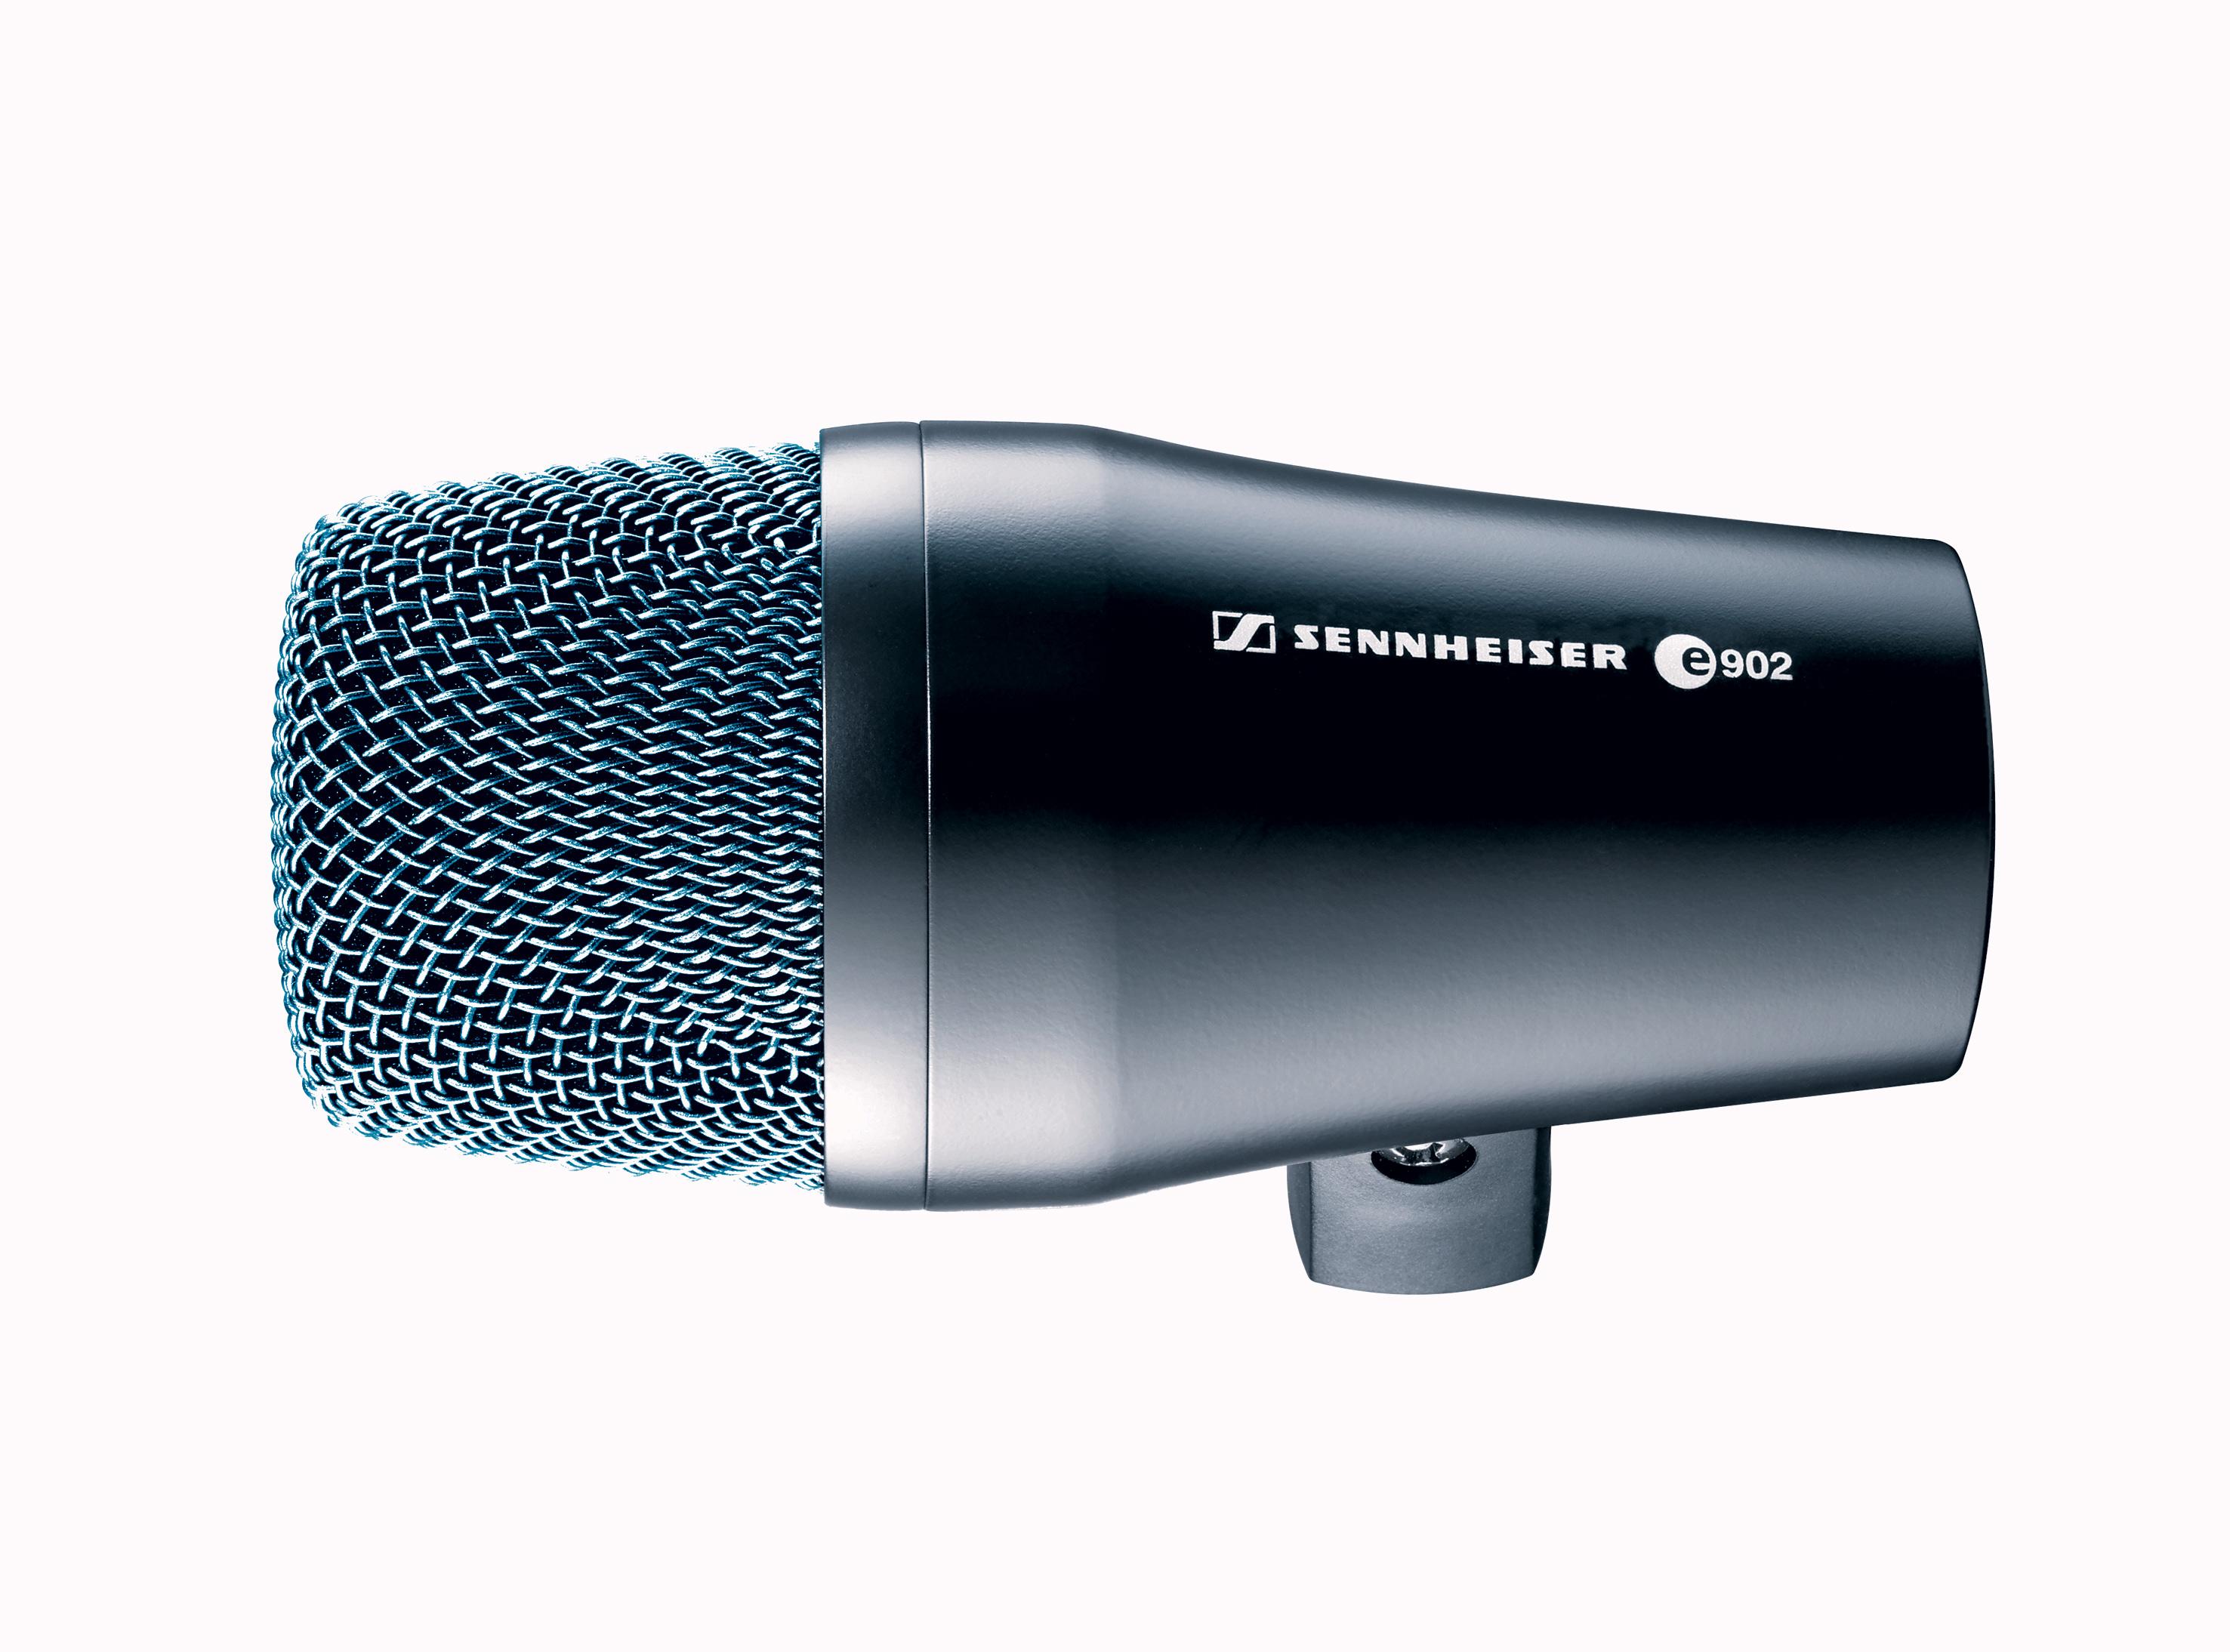 Sennheiser E902 Microphone